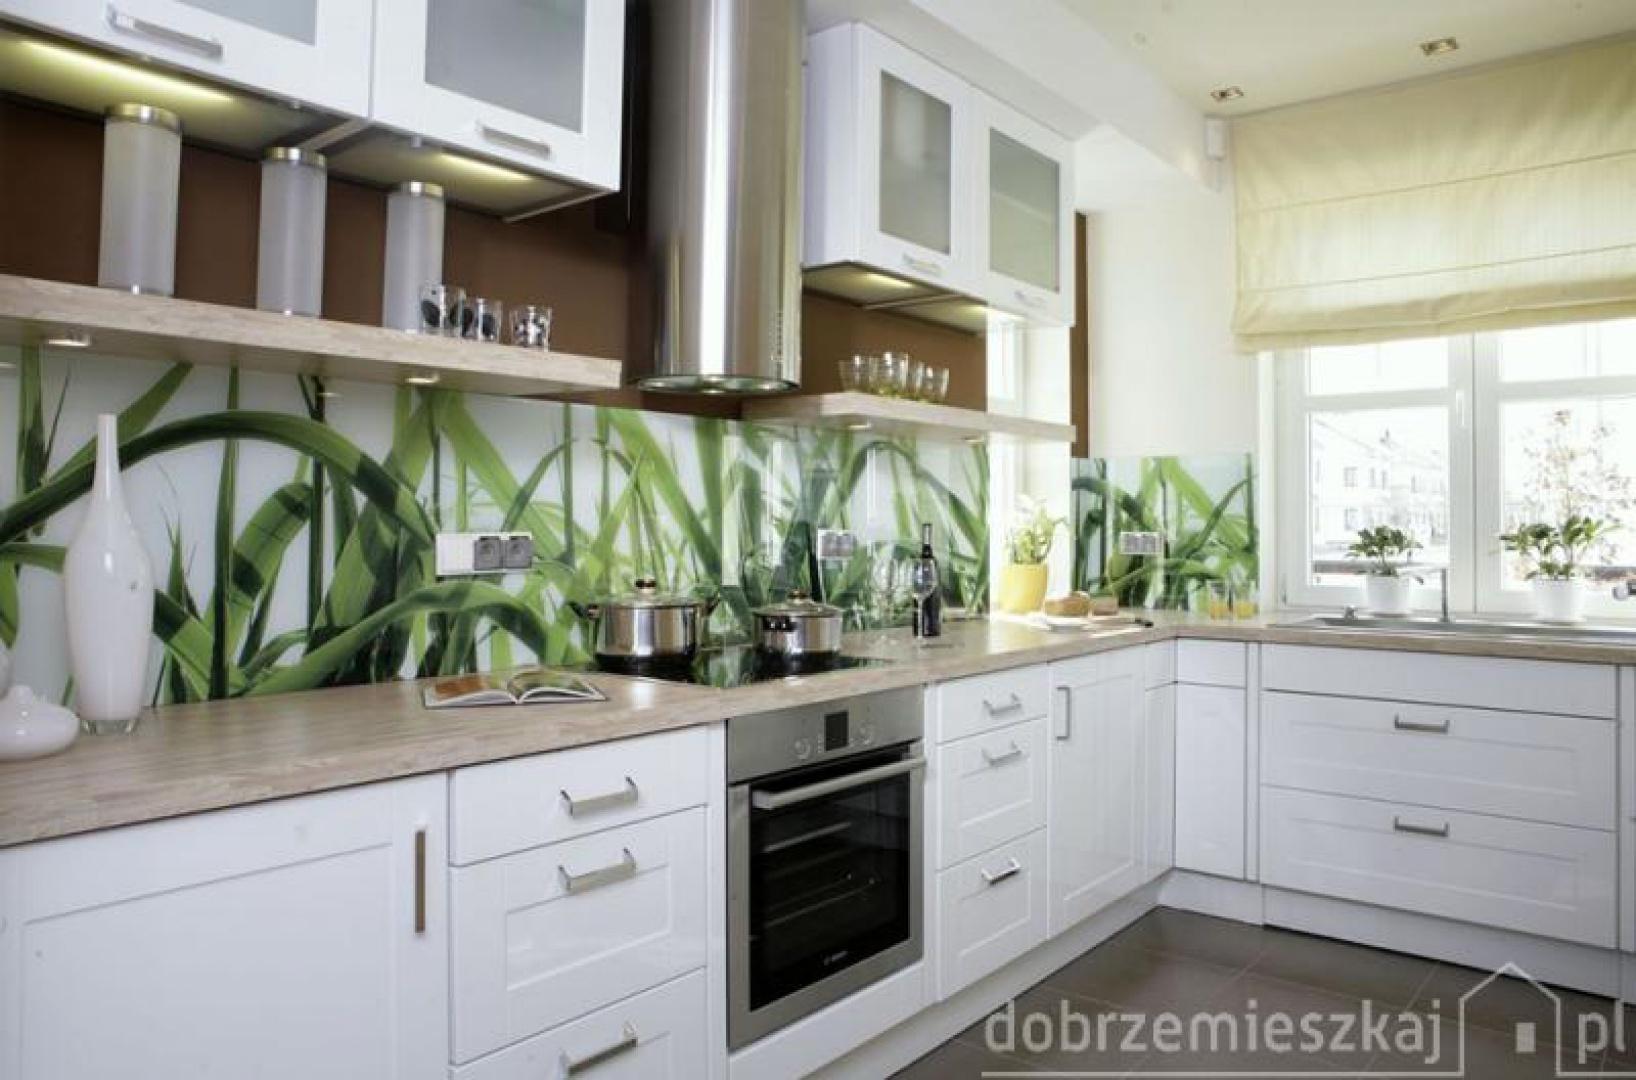 Ścianę nad kuchennym blatem pokrywa szkło podklejone folią, na której wydrukowano zdjęcia roślin. Ta w sumie prosta technika pozwala ozdobić każdą powierzchnię, nawet tak narażoną na zabrudzenia, jak ściana nad zlewem, naszym ulubionym motywem malarskim czy fotografią. Trzeba tylko zaopatrzyć się w szkło o odpowiedniej odporności i fachowców, którzy zadbają o szczelność wykonania. Proj. Lucyna Stefaniak.